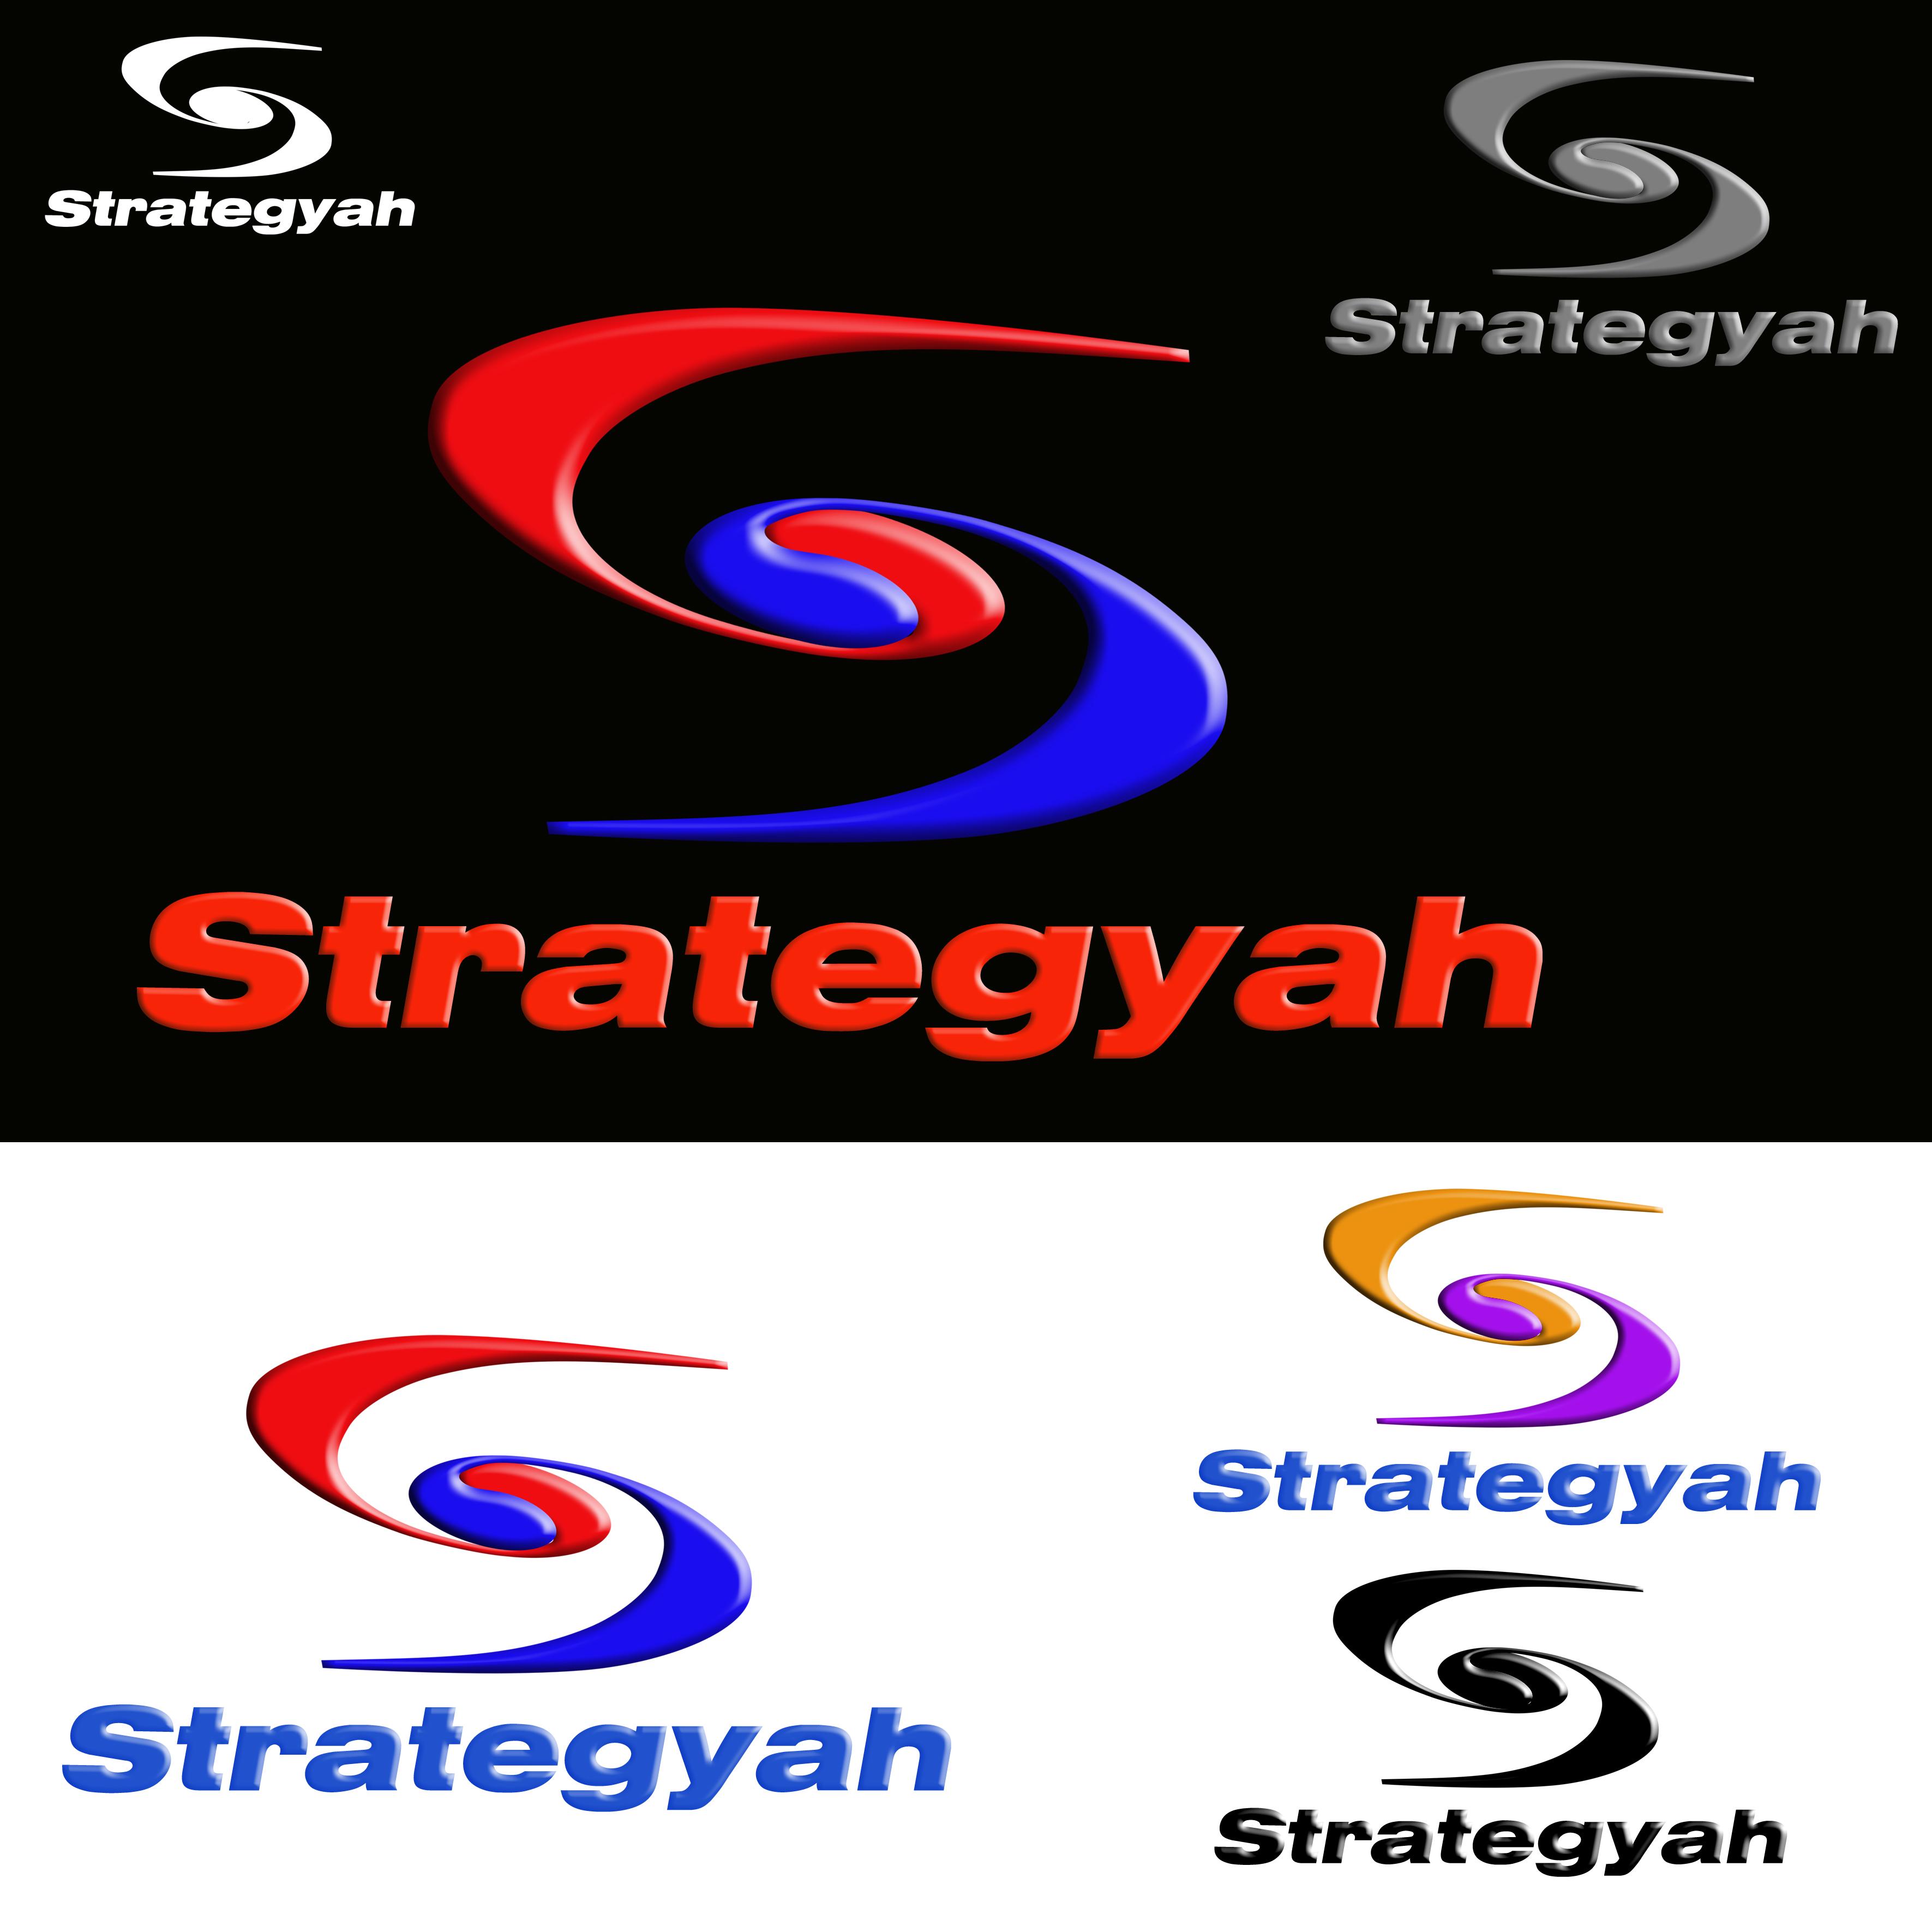 Logo Design by Roberto Sibbaluca - Entry No. 324 in the Logo Design Contest Creative Logo Design for Strategyah.